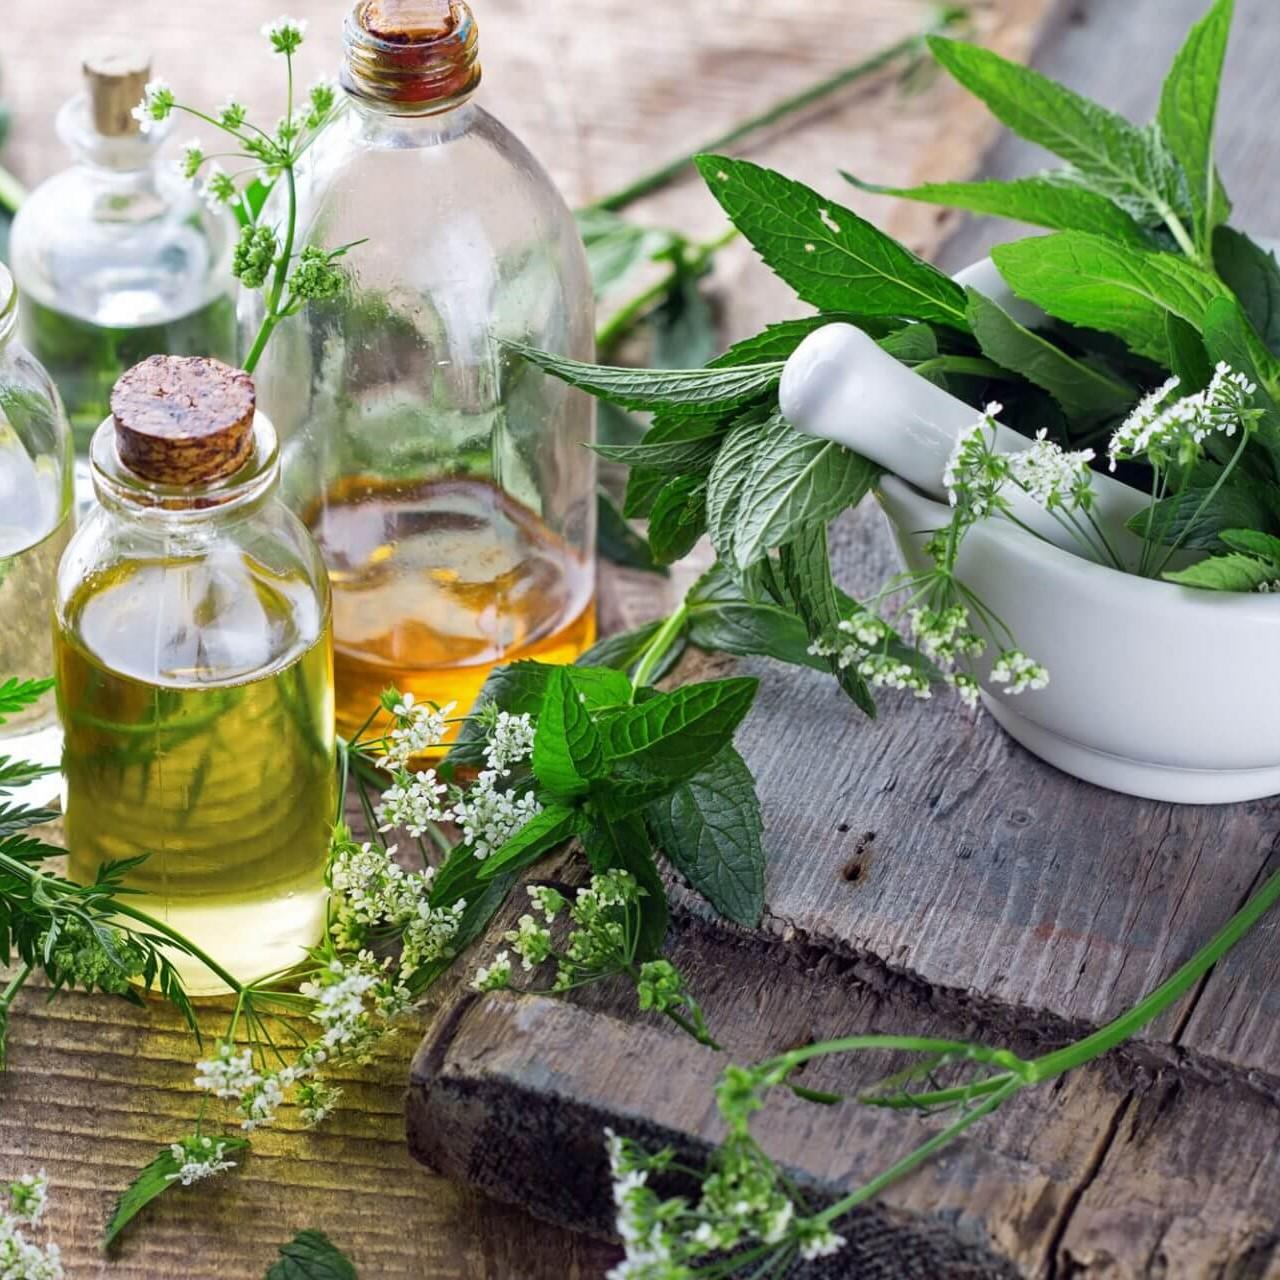 Herbalism-Western